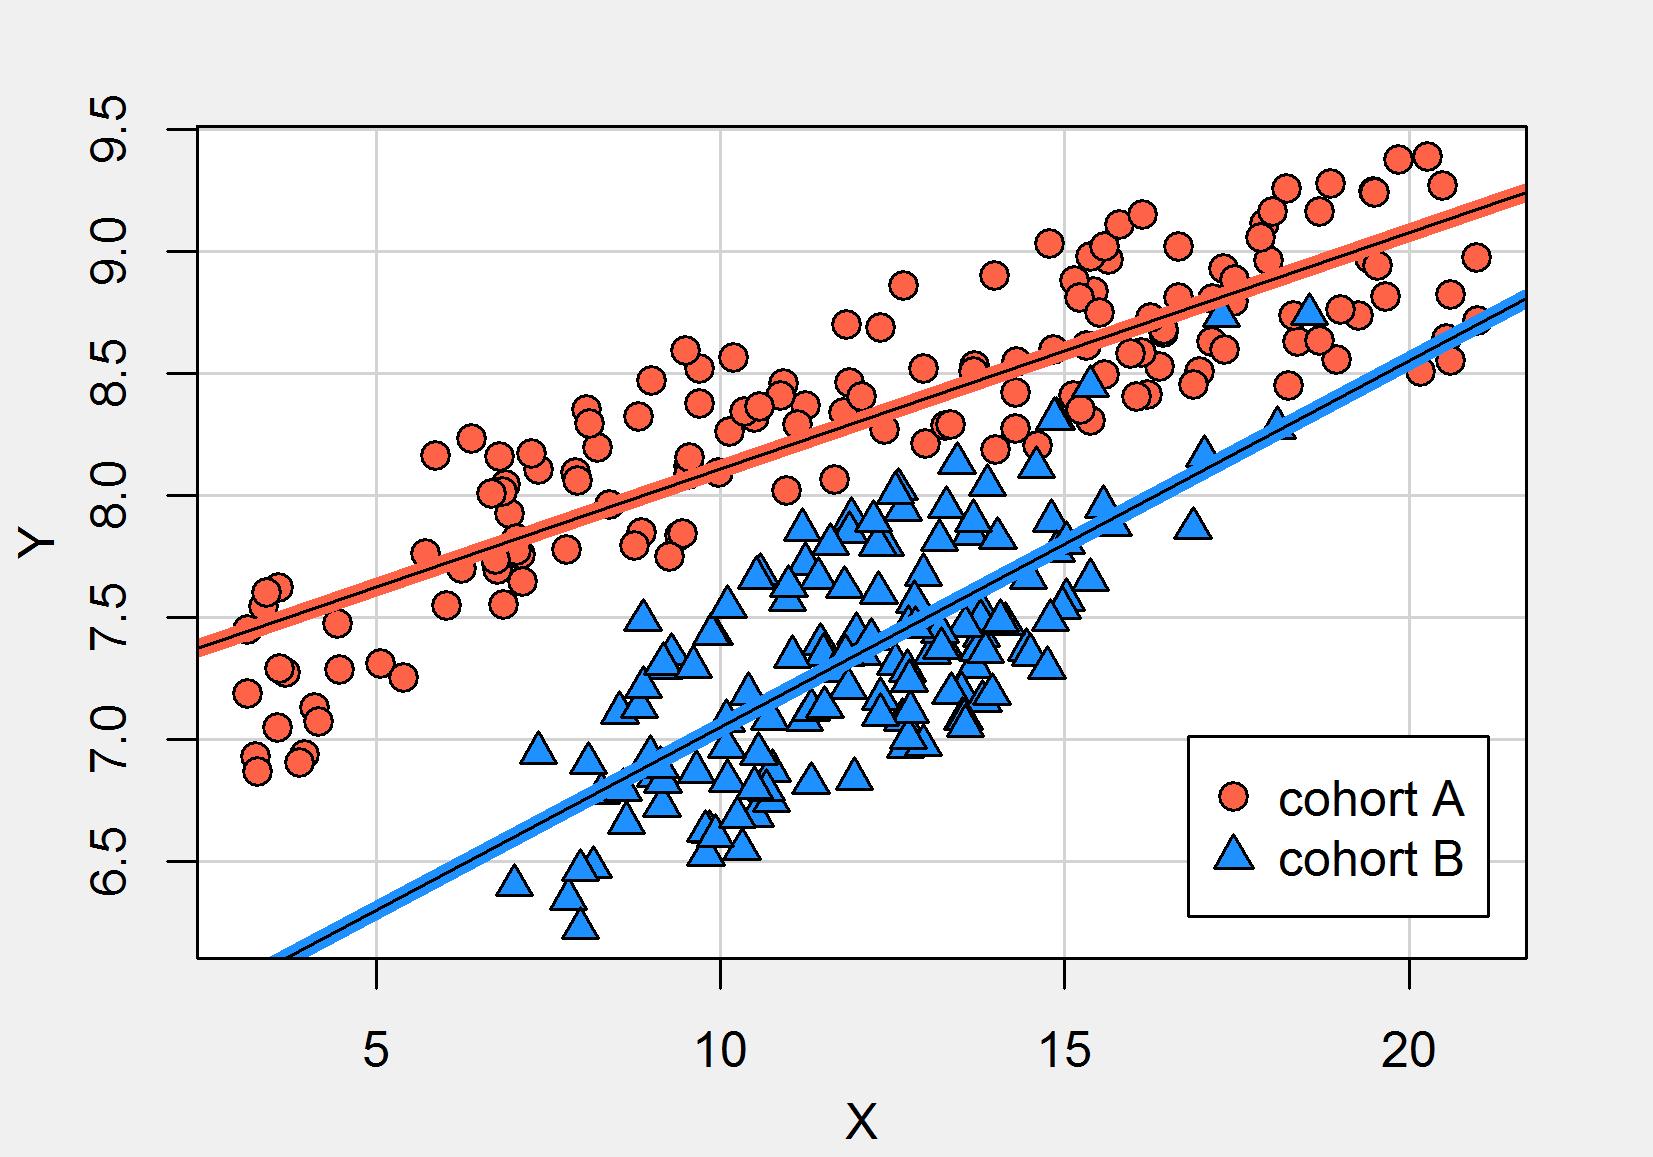 Streudiagramm mit Regressionsgerade